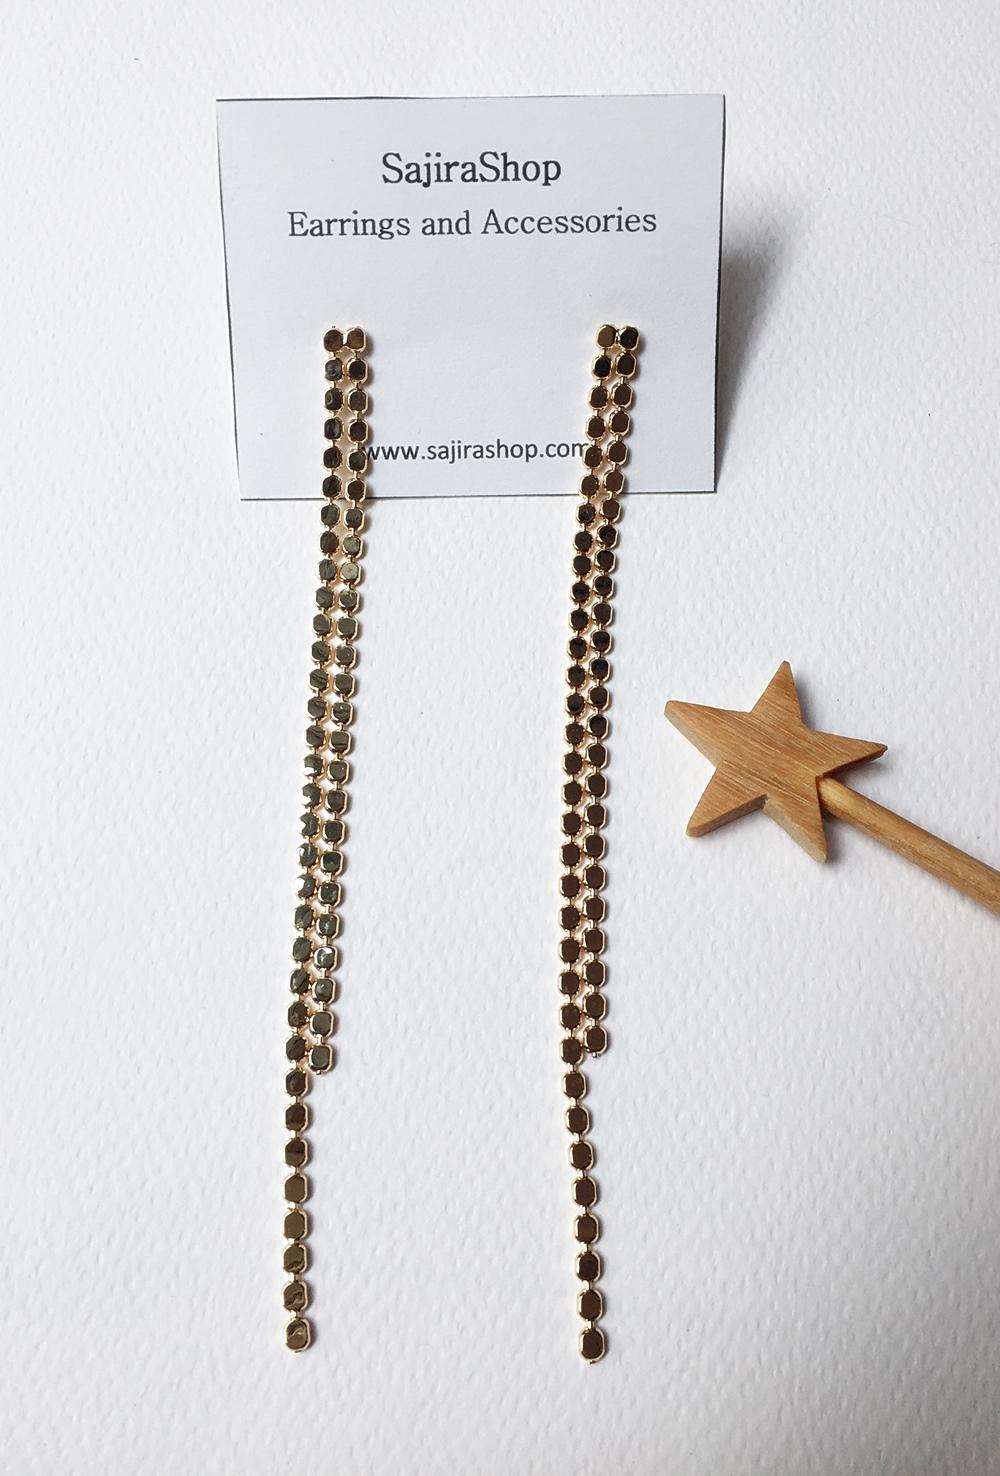 ต่างหูระย้าเส้นยาว สีทองแบบสองเส้น ตุ้มหูงานสวยมากแบบเก๋ ยาว 14 cm.